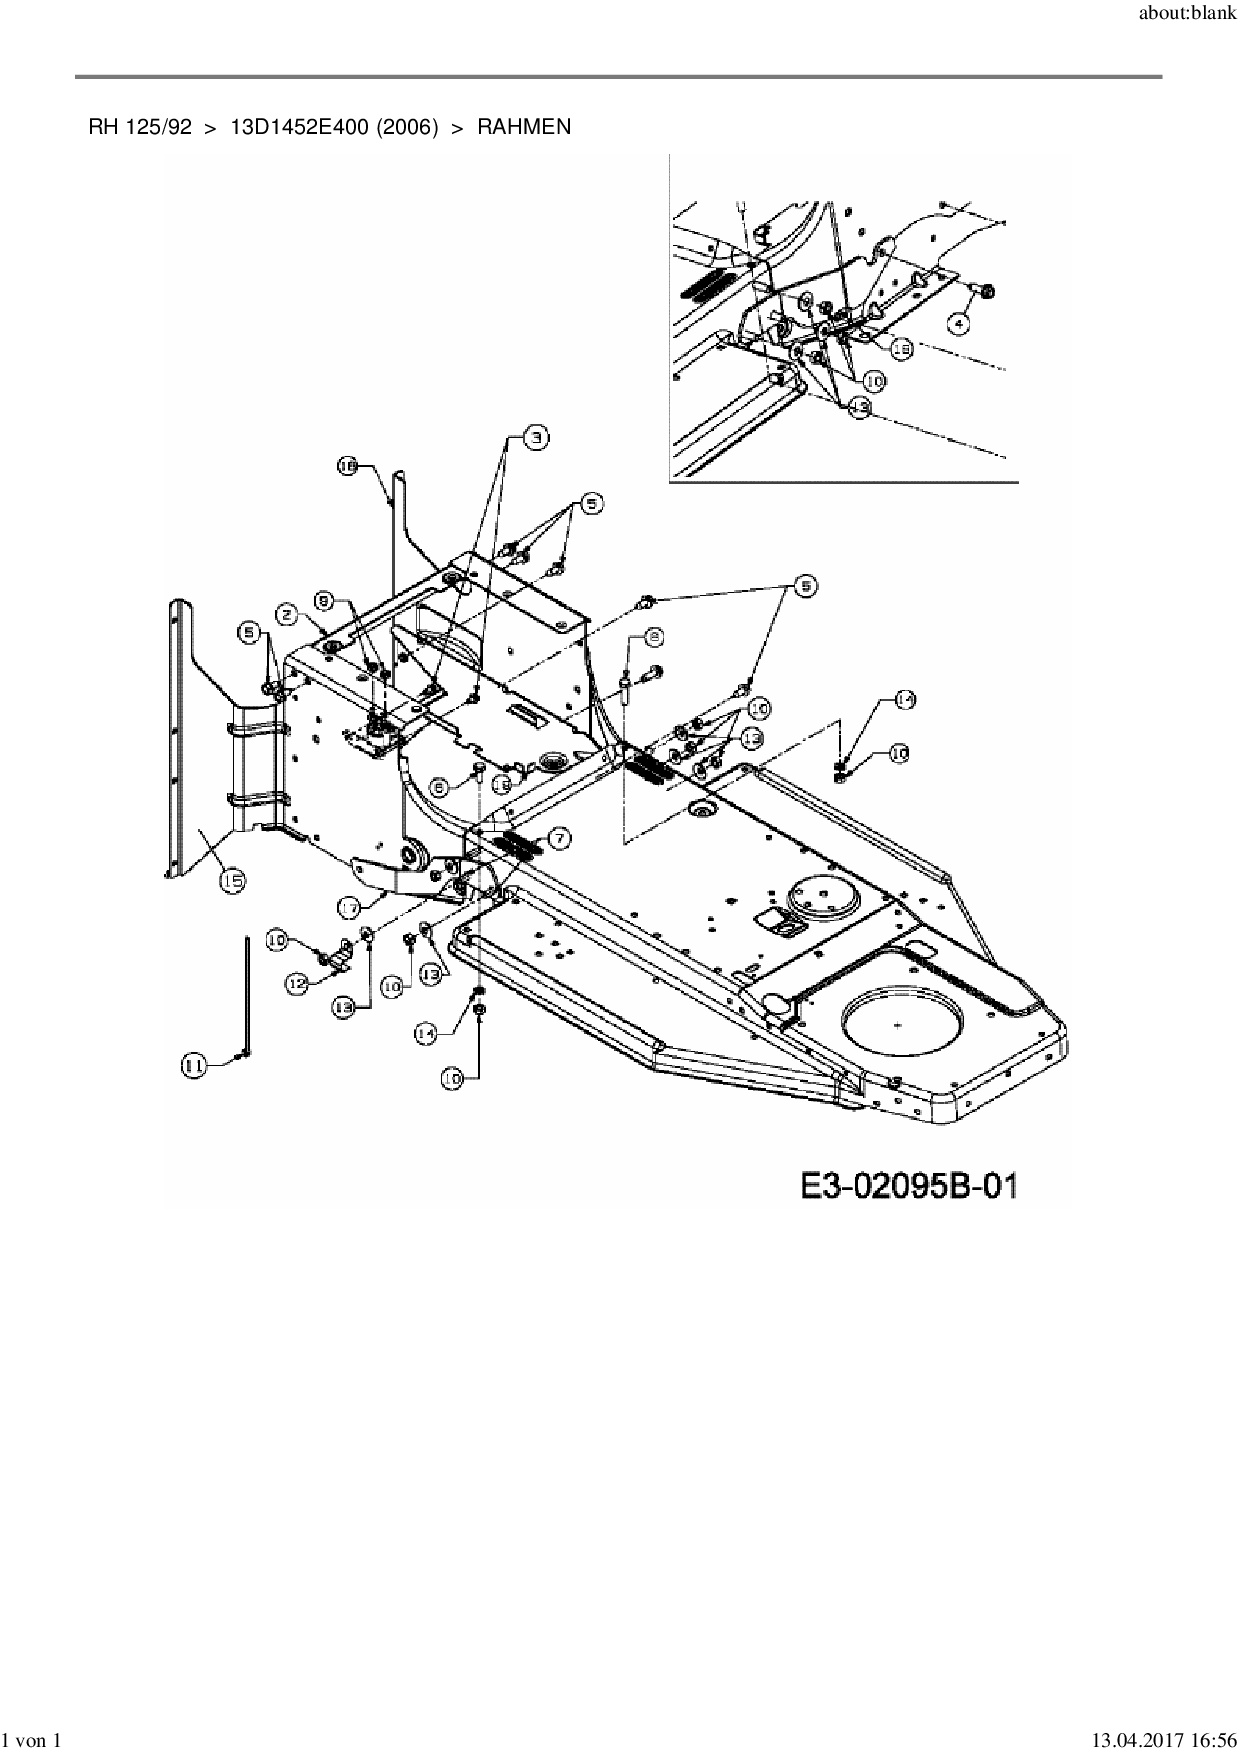 Ersatzteile von MTD Rasentraktor RH 125/92 aus der Zeichnung Rahmen